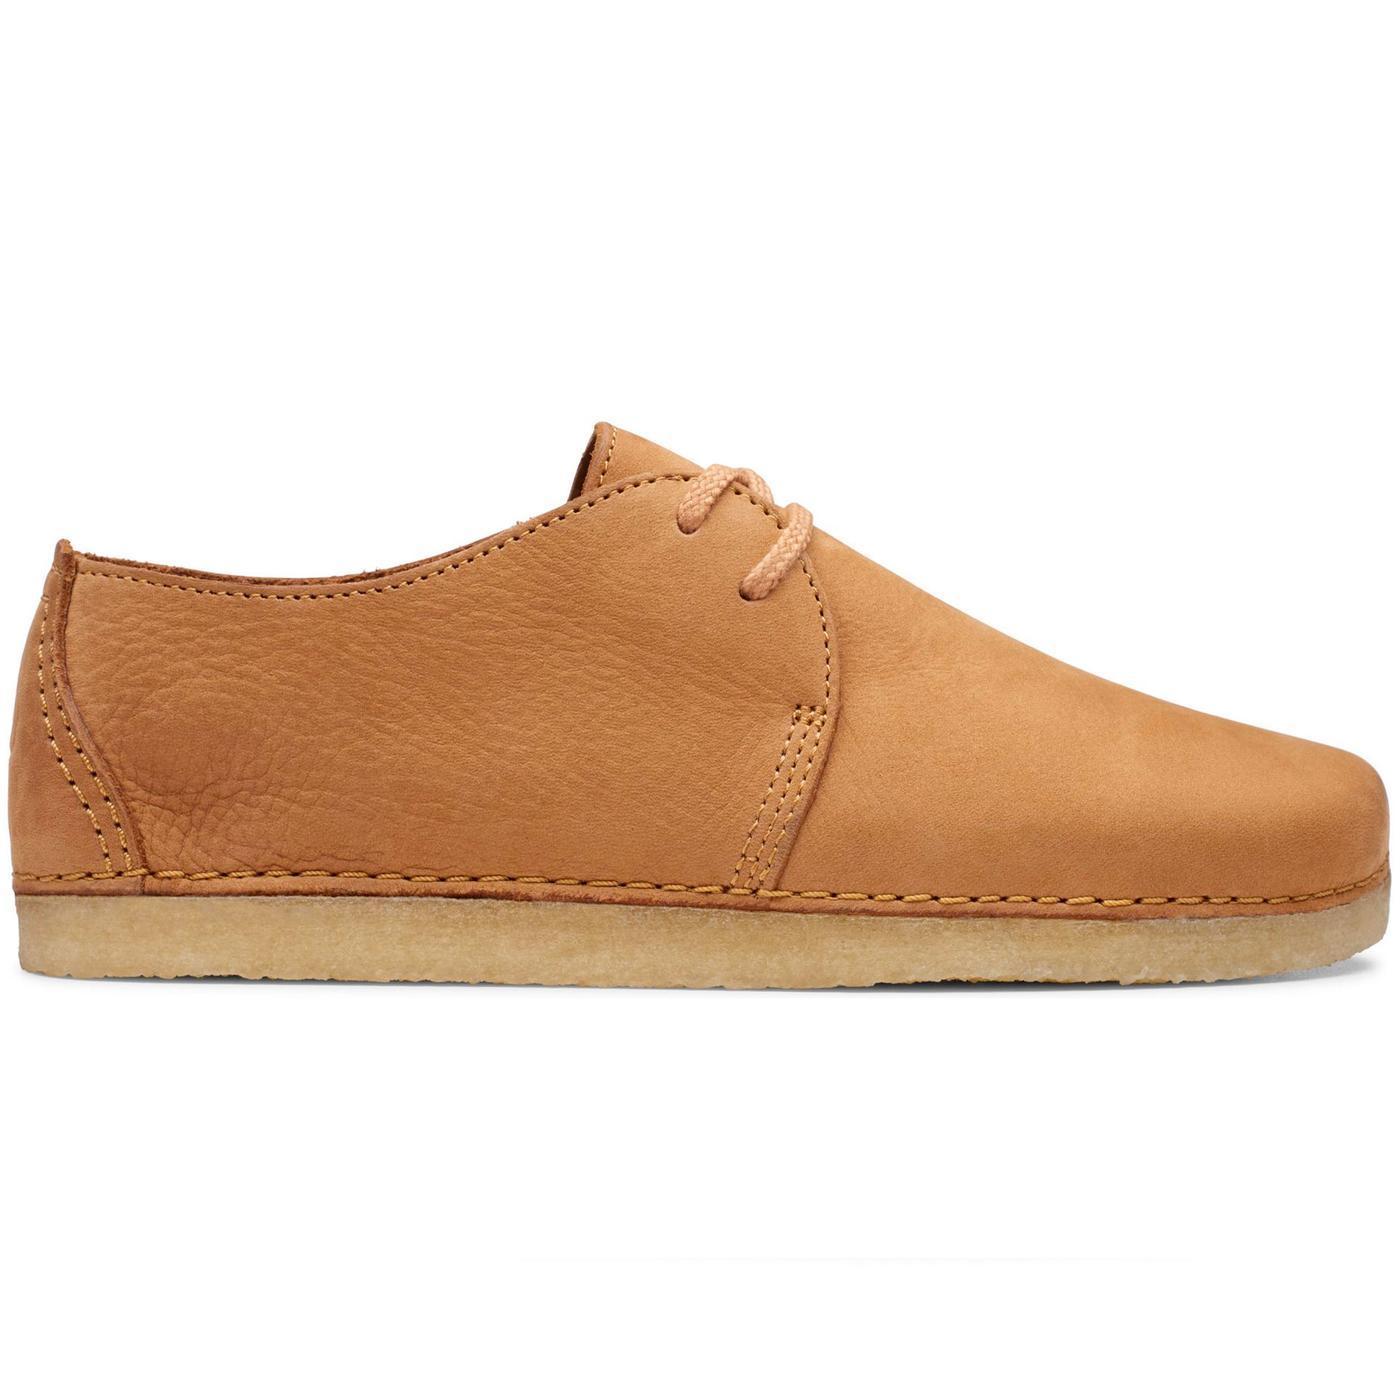 Ashton CLARKS ORIGINALS Women's Nubuck Shoes (LT)